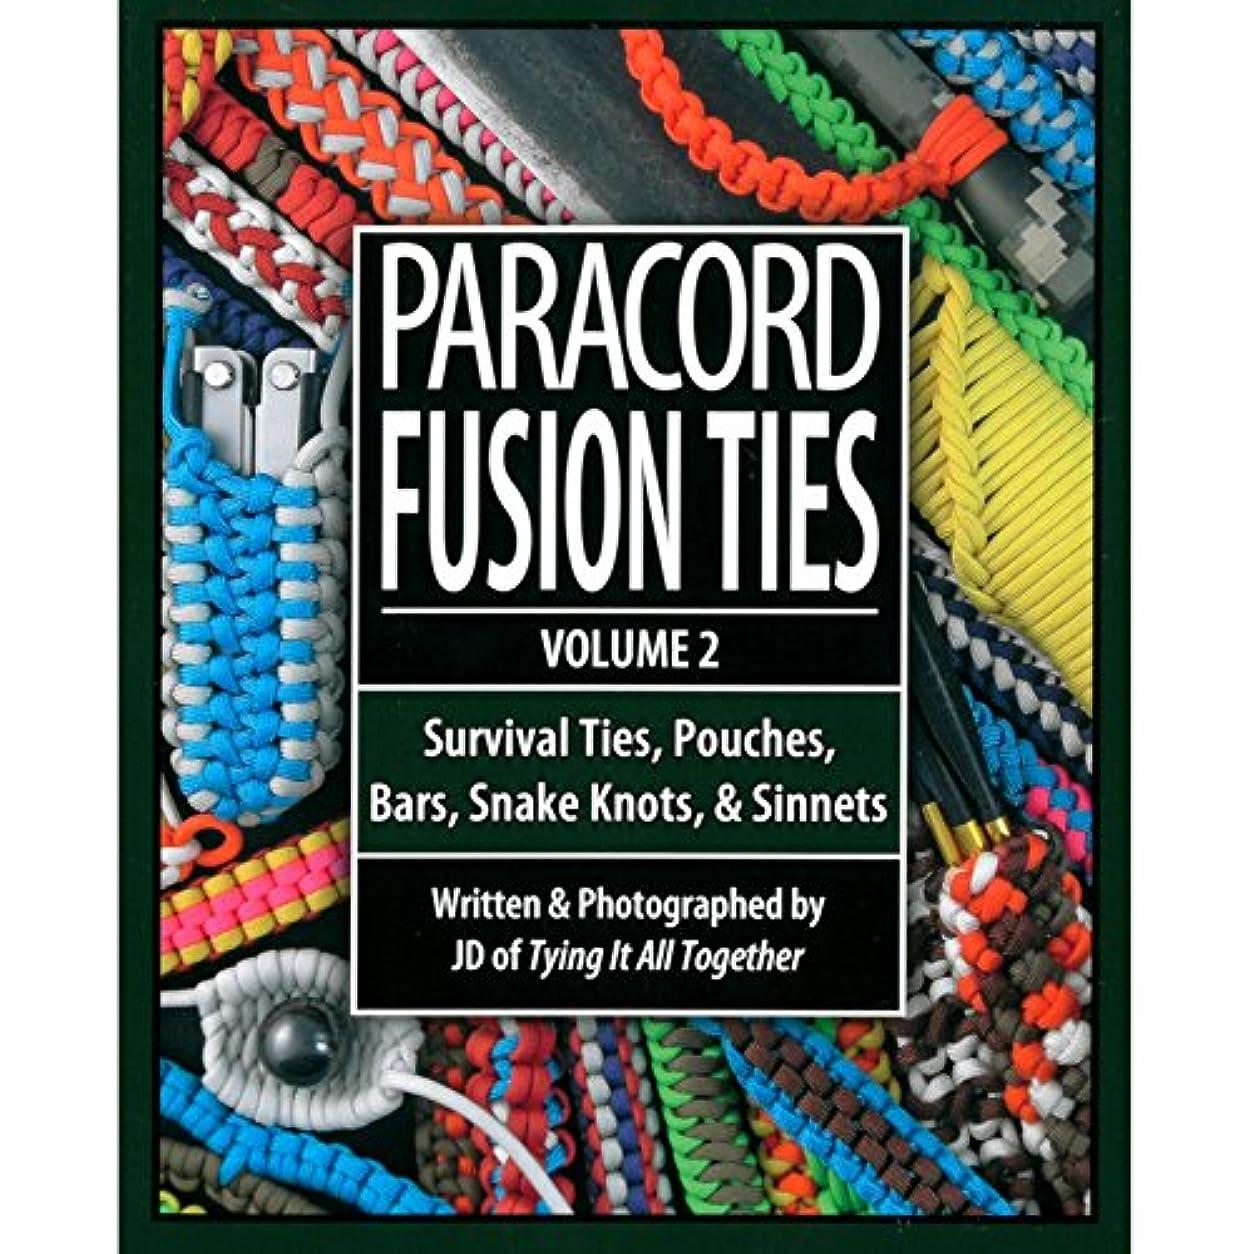 アルファベット矩形認可Paracord Crafting Books - 簡単なステップバイステップの付いたパラコードでクリエイティブ - 4つの異なる本から選択